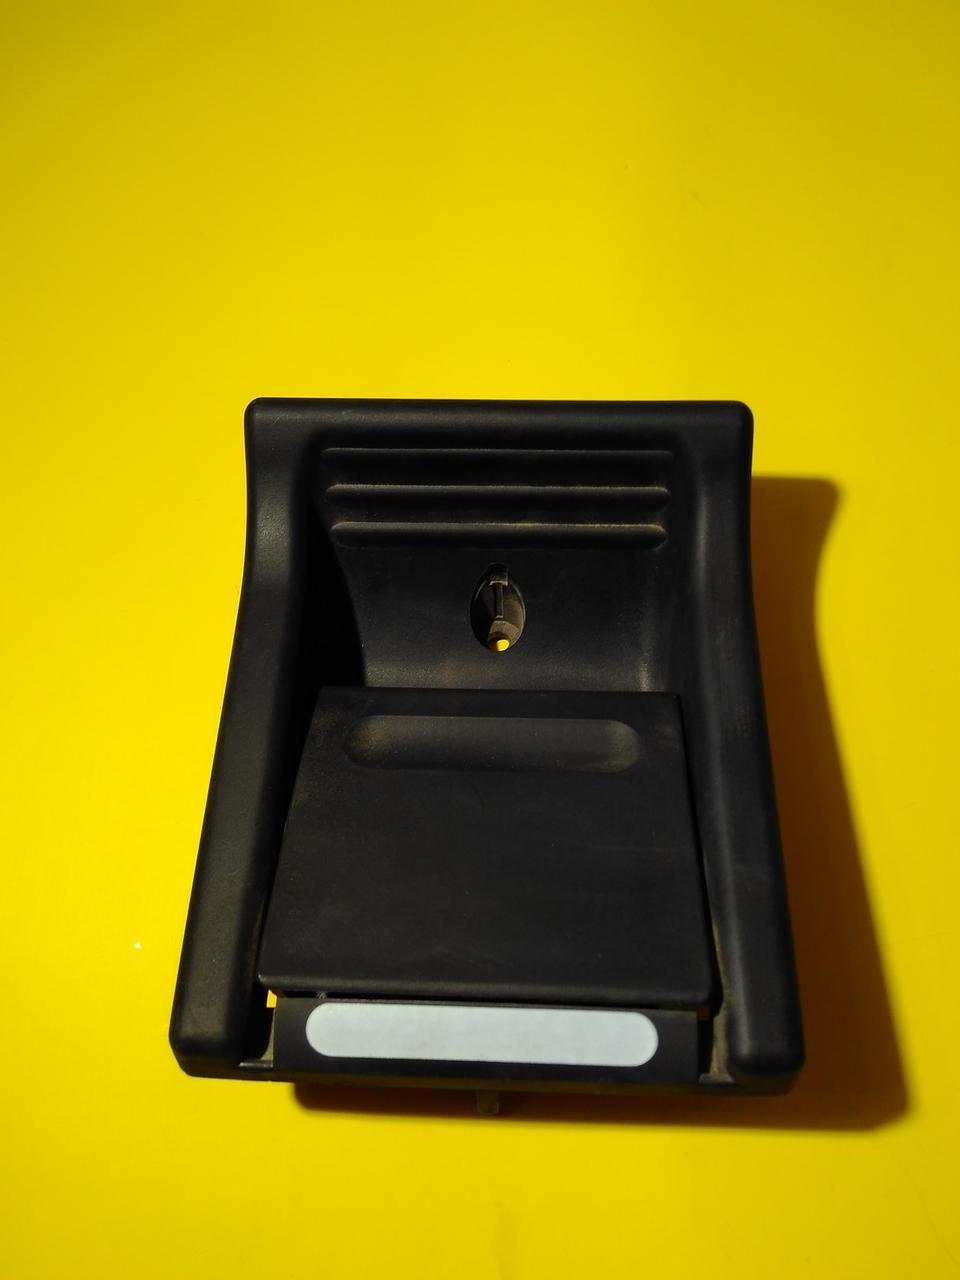 Ручка двери сдижной внутренняя Mercedes sprinter 901/902/903 /904 A9017601361 Mercedes - NATA4KU.COM в Одессе